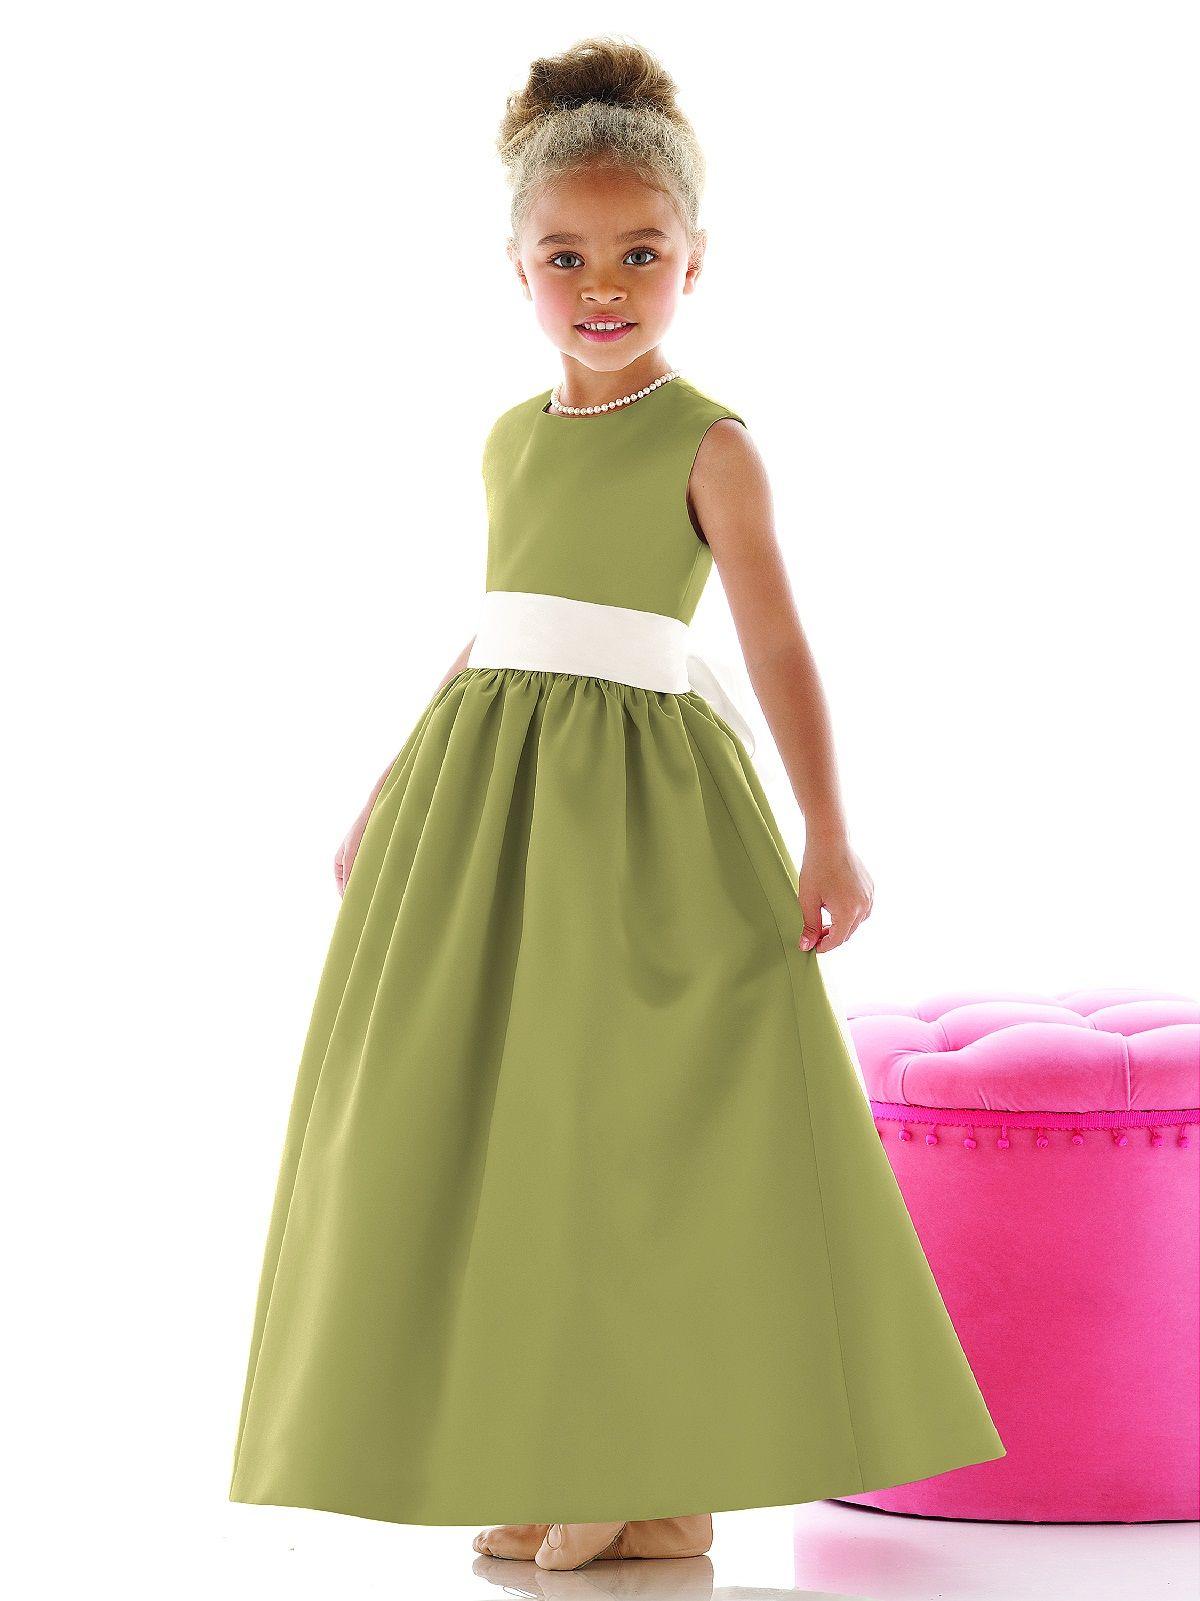 flower girl in citron green